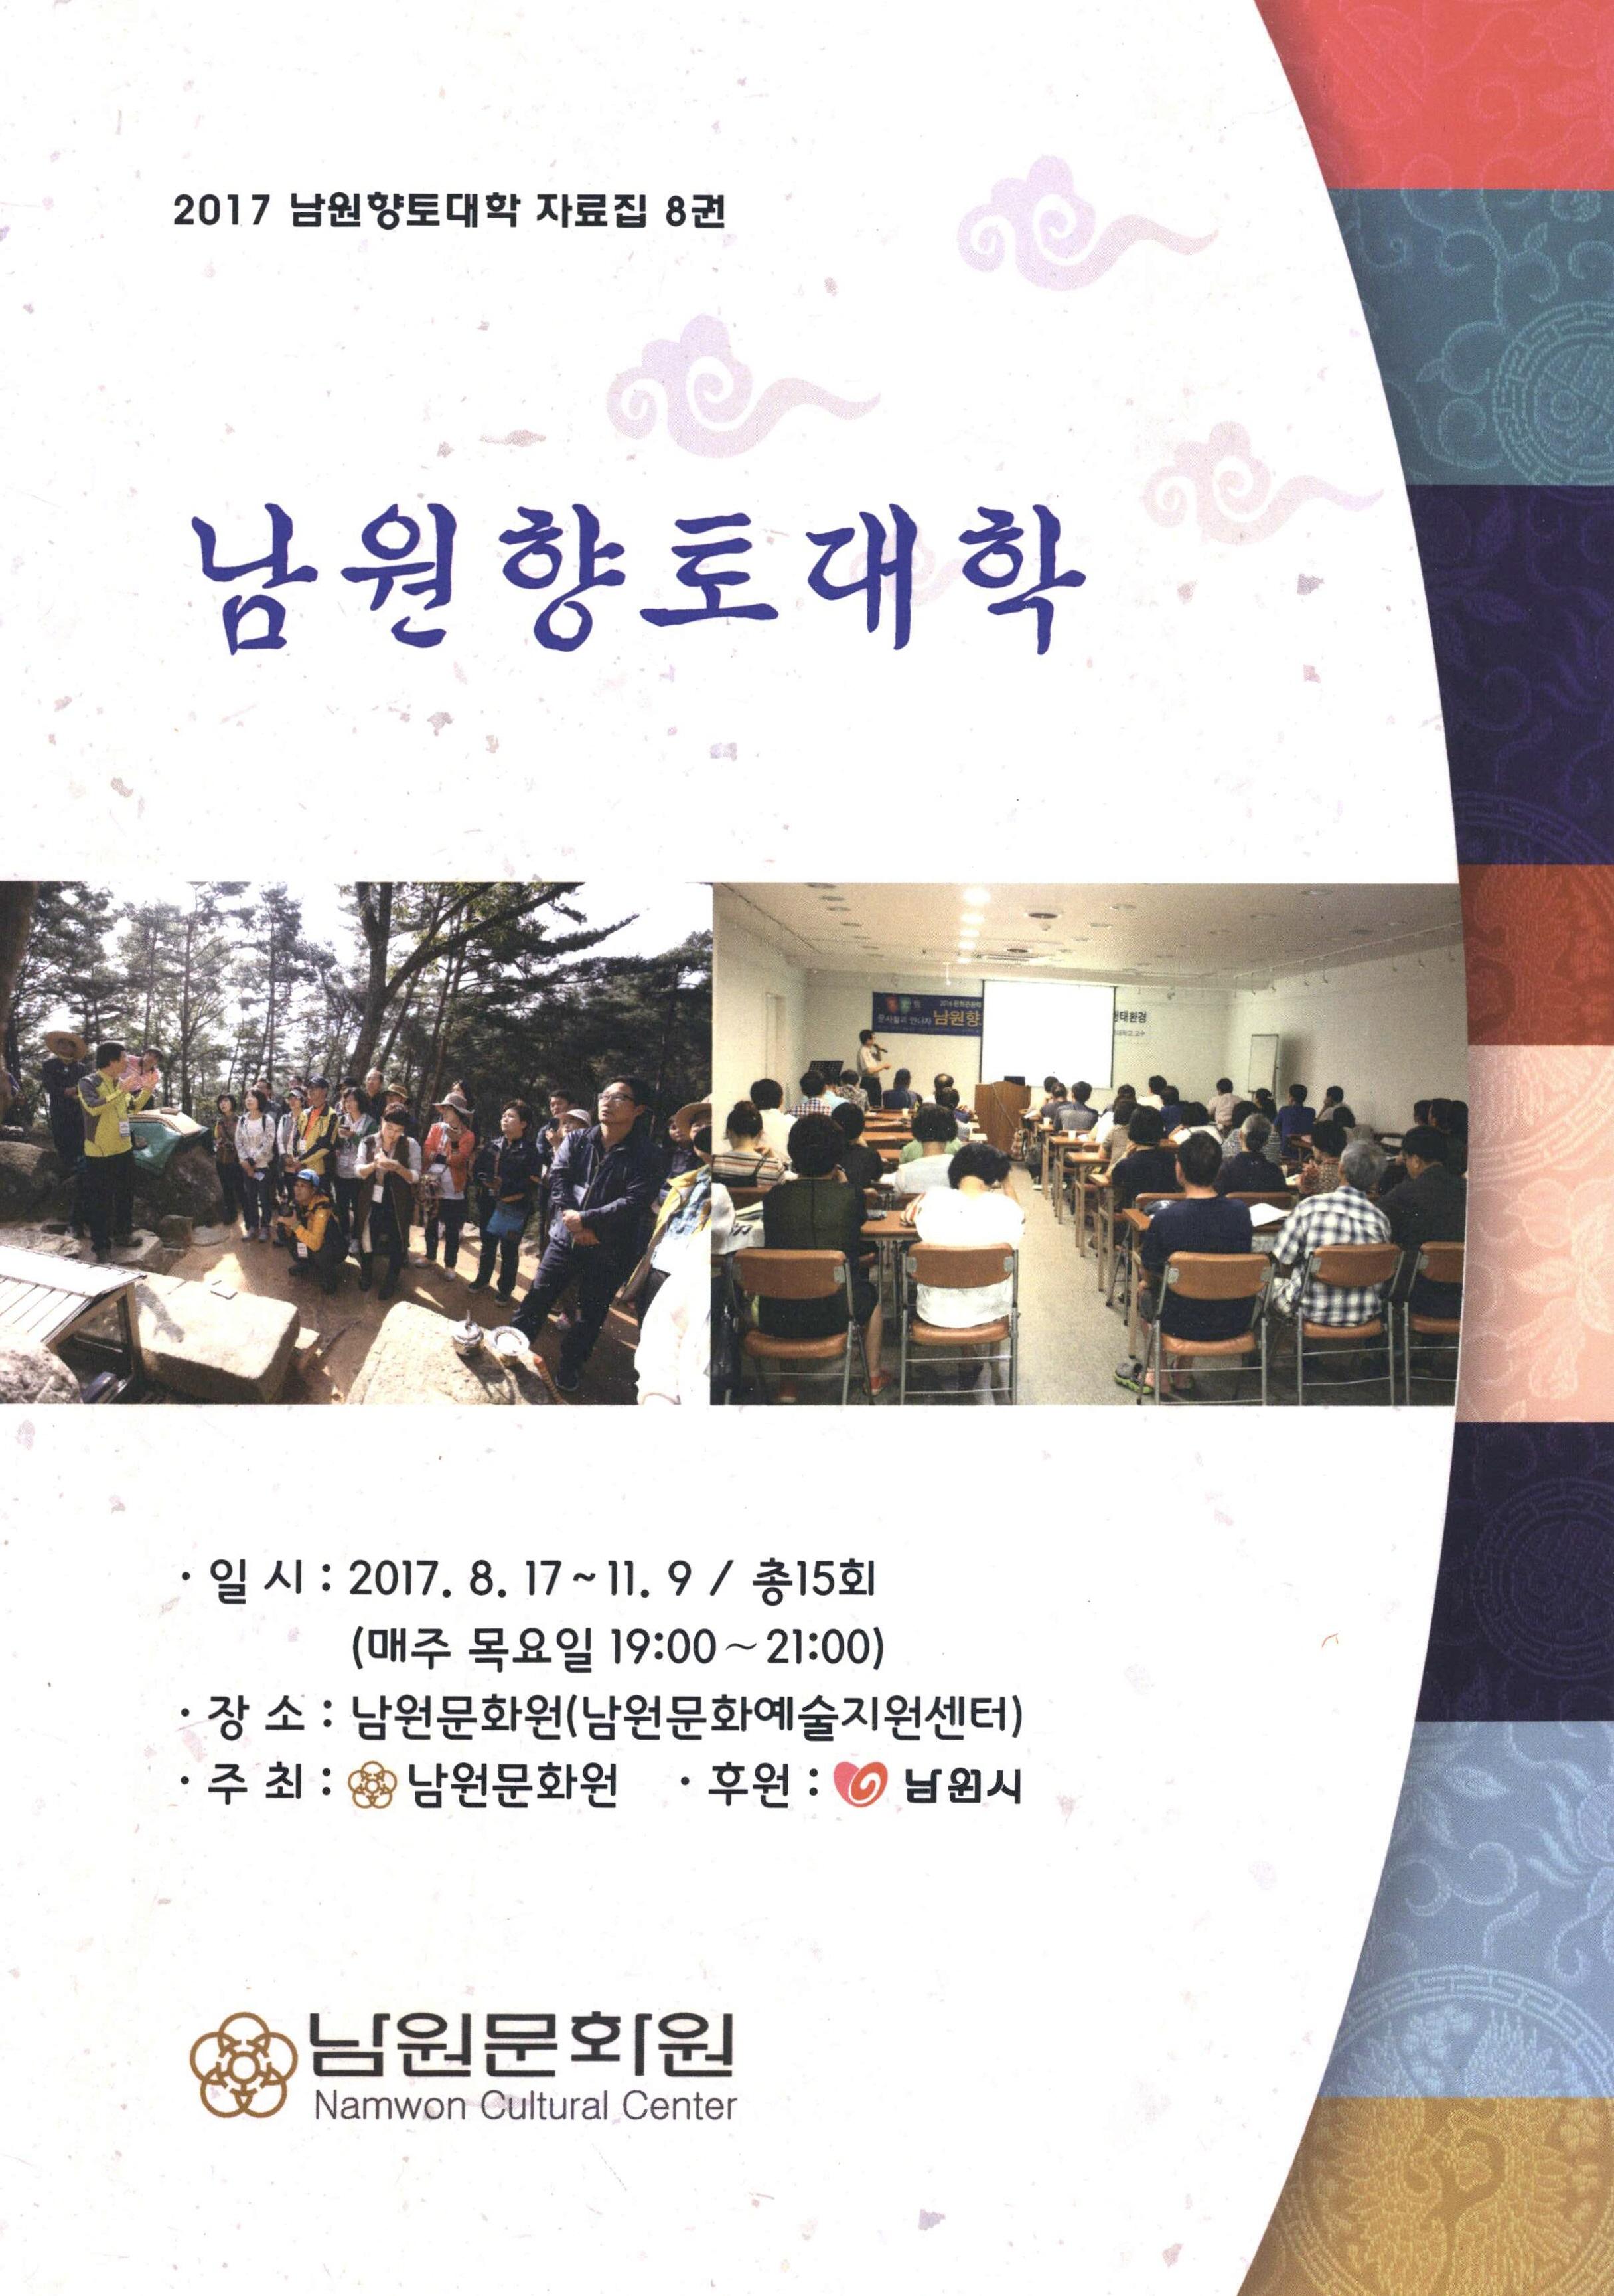 2017 남원향토대학 자료집 8권 남원향토대학